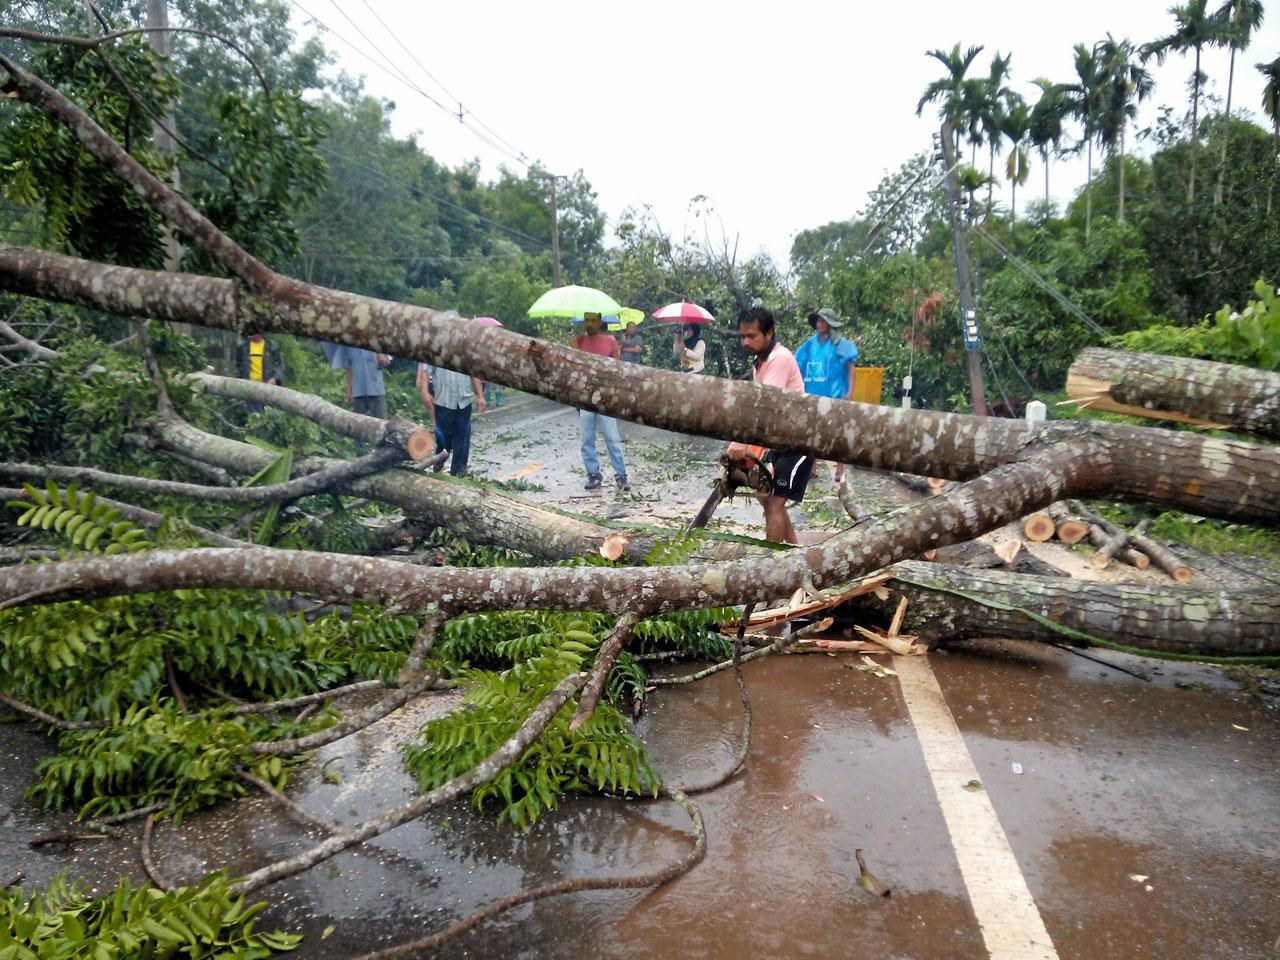 อาสาสมัคร หน่วยกู้ภัยช่วยกันตัดต้นไม้ที่โค่นขวางถนนเพื่อเคลียร์พื้นที่